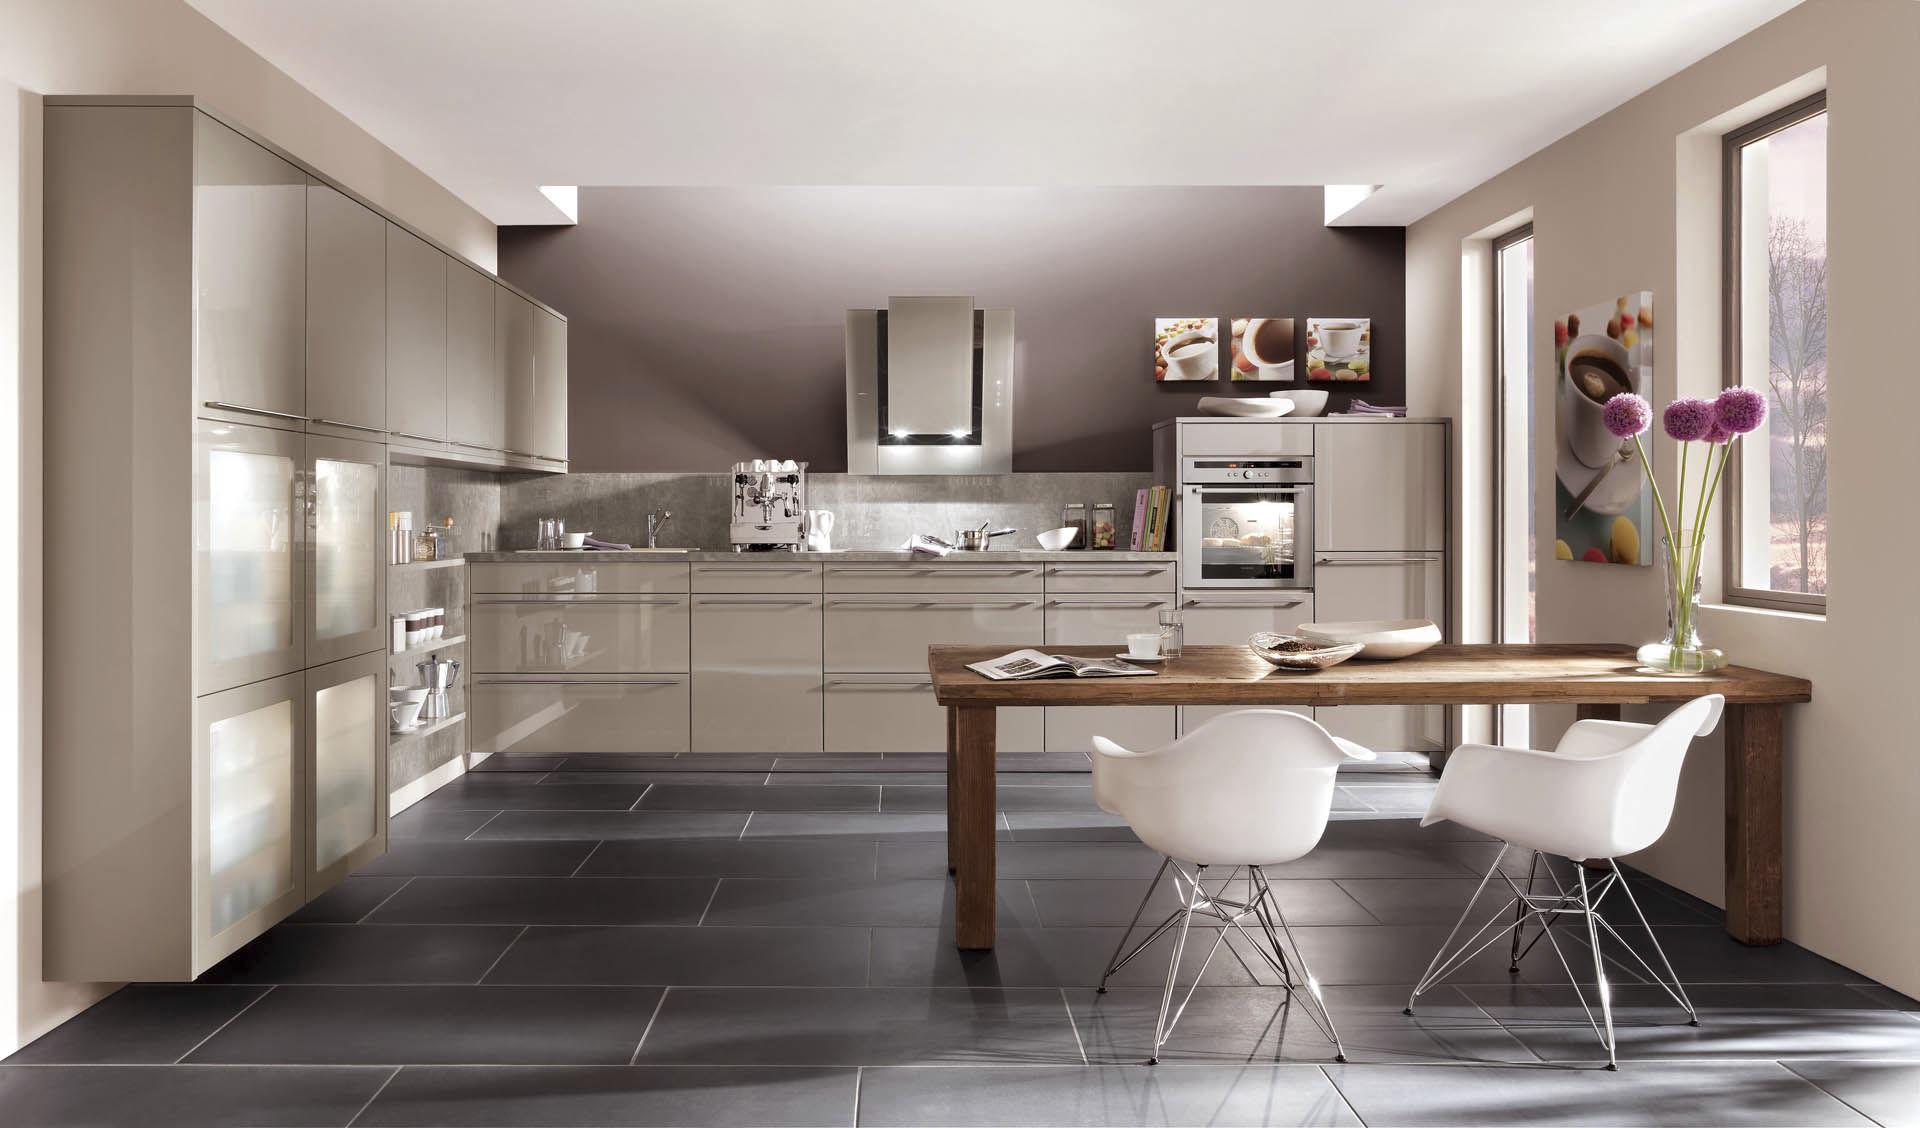 cuisine contemporaine / en bois / laquée / brillante - nova 854